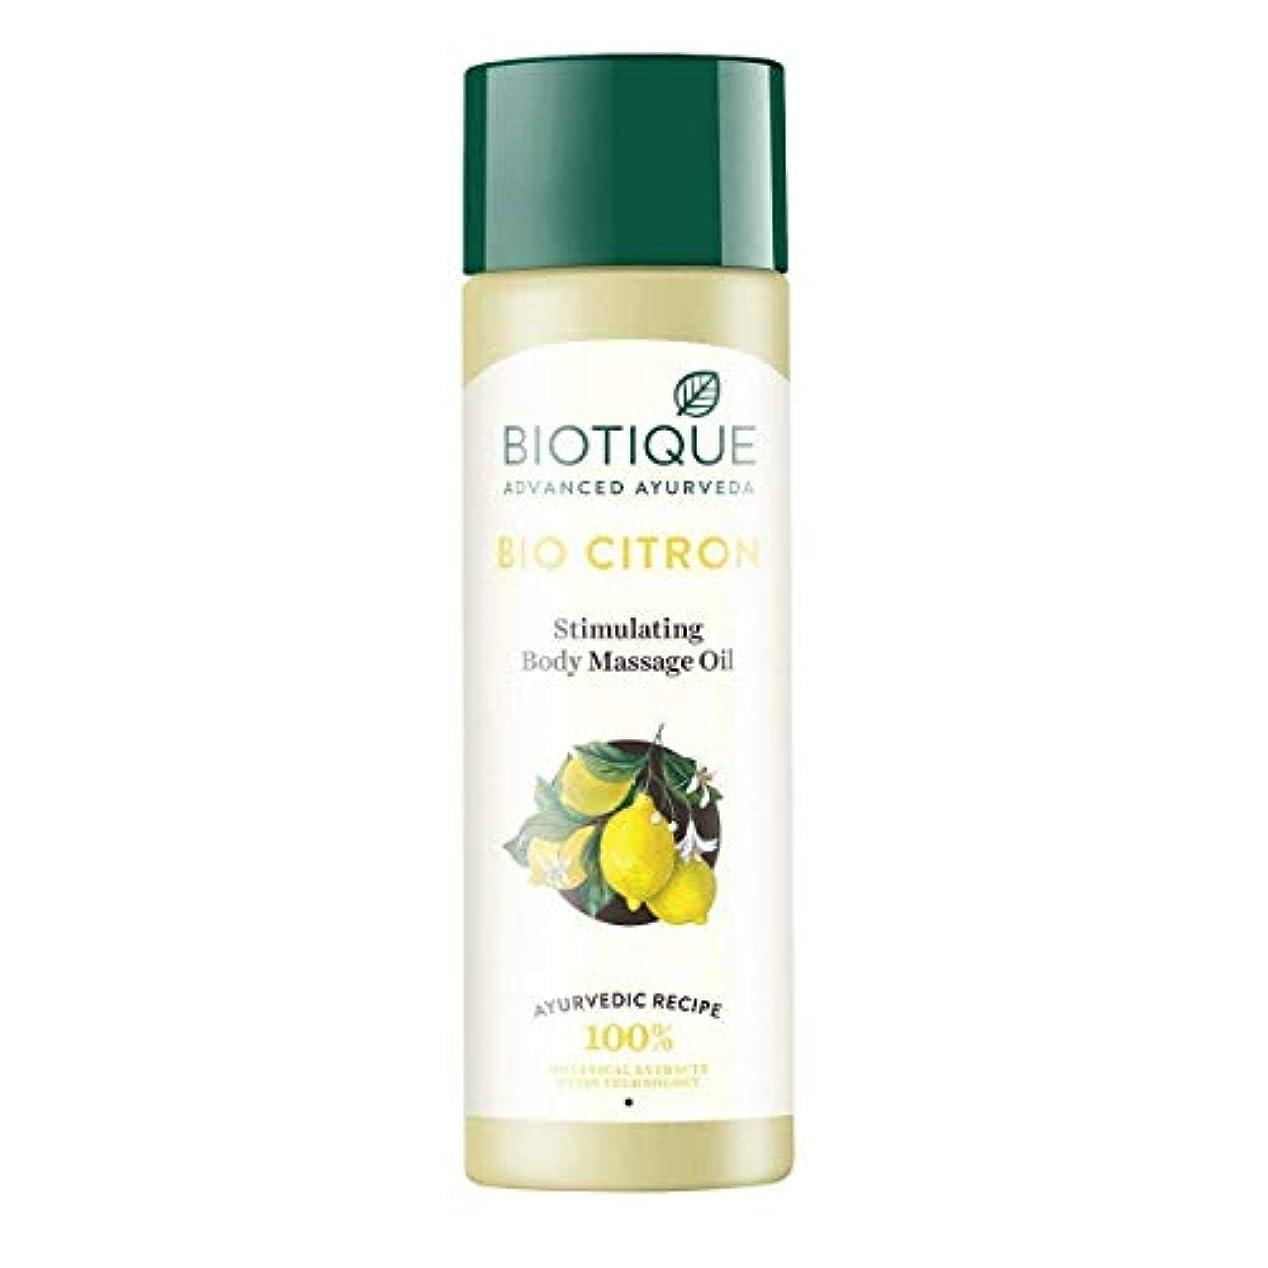 満たす文化不合格Biotique Bio Citron Stimulating Body Massage Oil, 200ml rich in vitamin Biotique バイオシトロン刺激ボディマッサージオイル、ビタミン